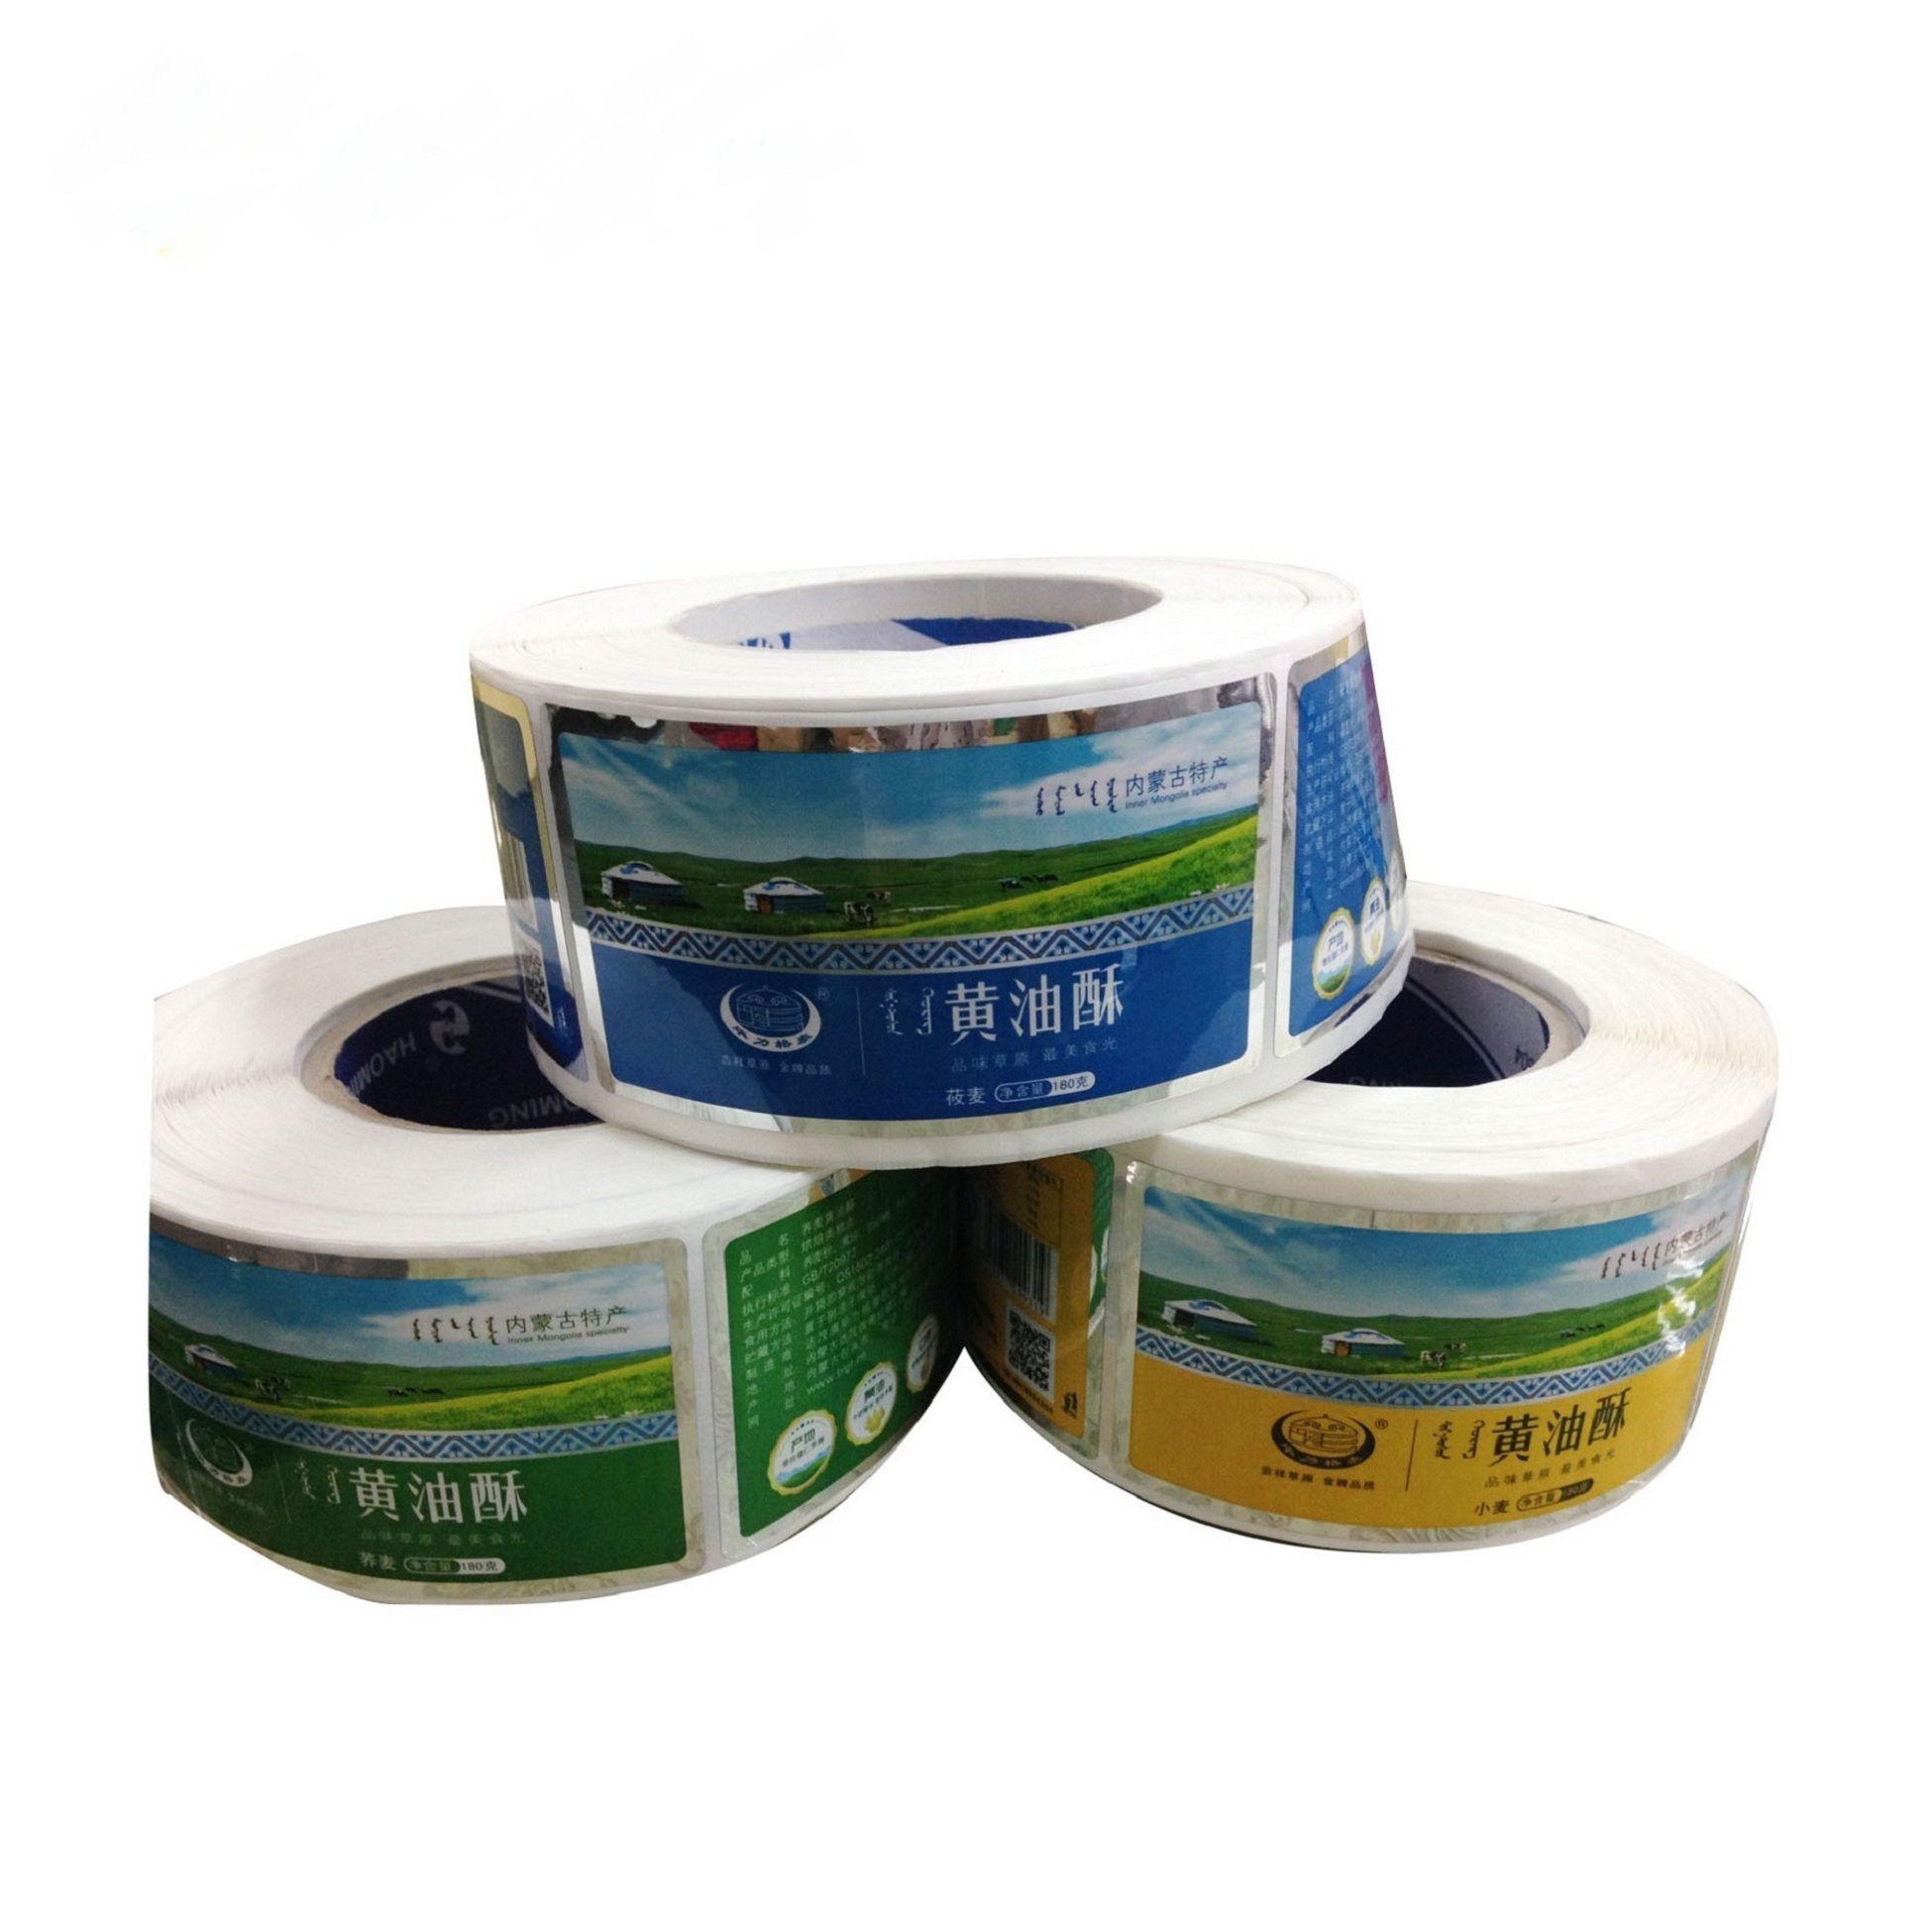 맞춤식 식품 포장 브랜드 라벨에 대 한 높은 품질의 공장 가격